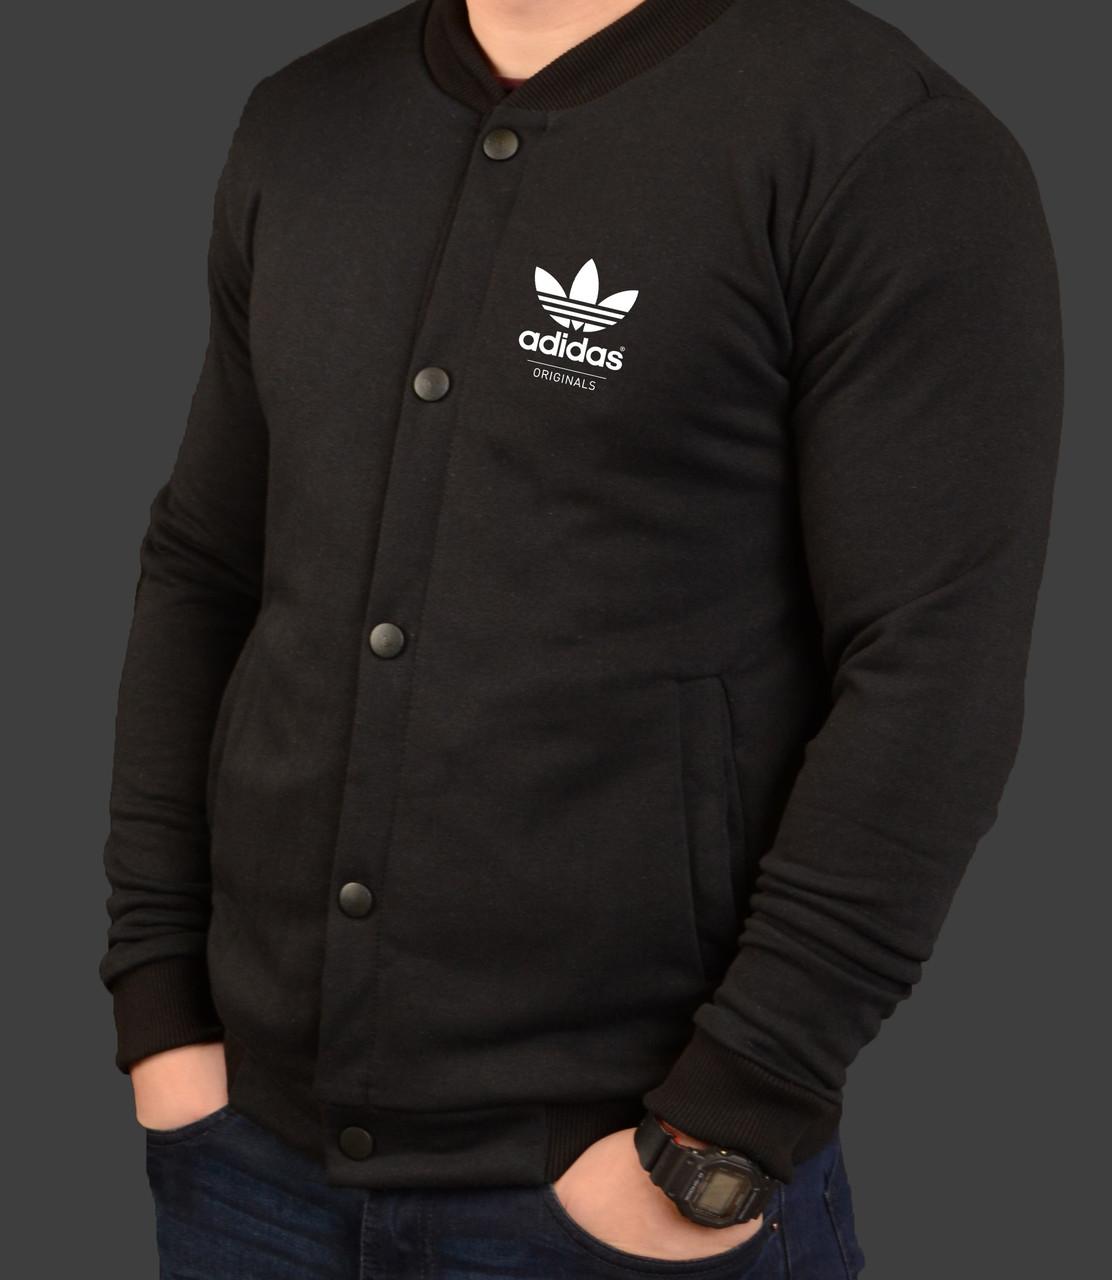 Бомбер мужской черный трикотажный S M L XL Adidas Адидас   продажа ... cf077de141d